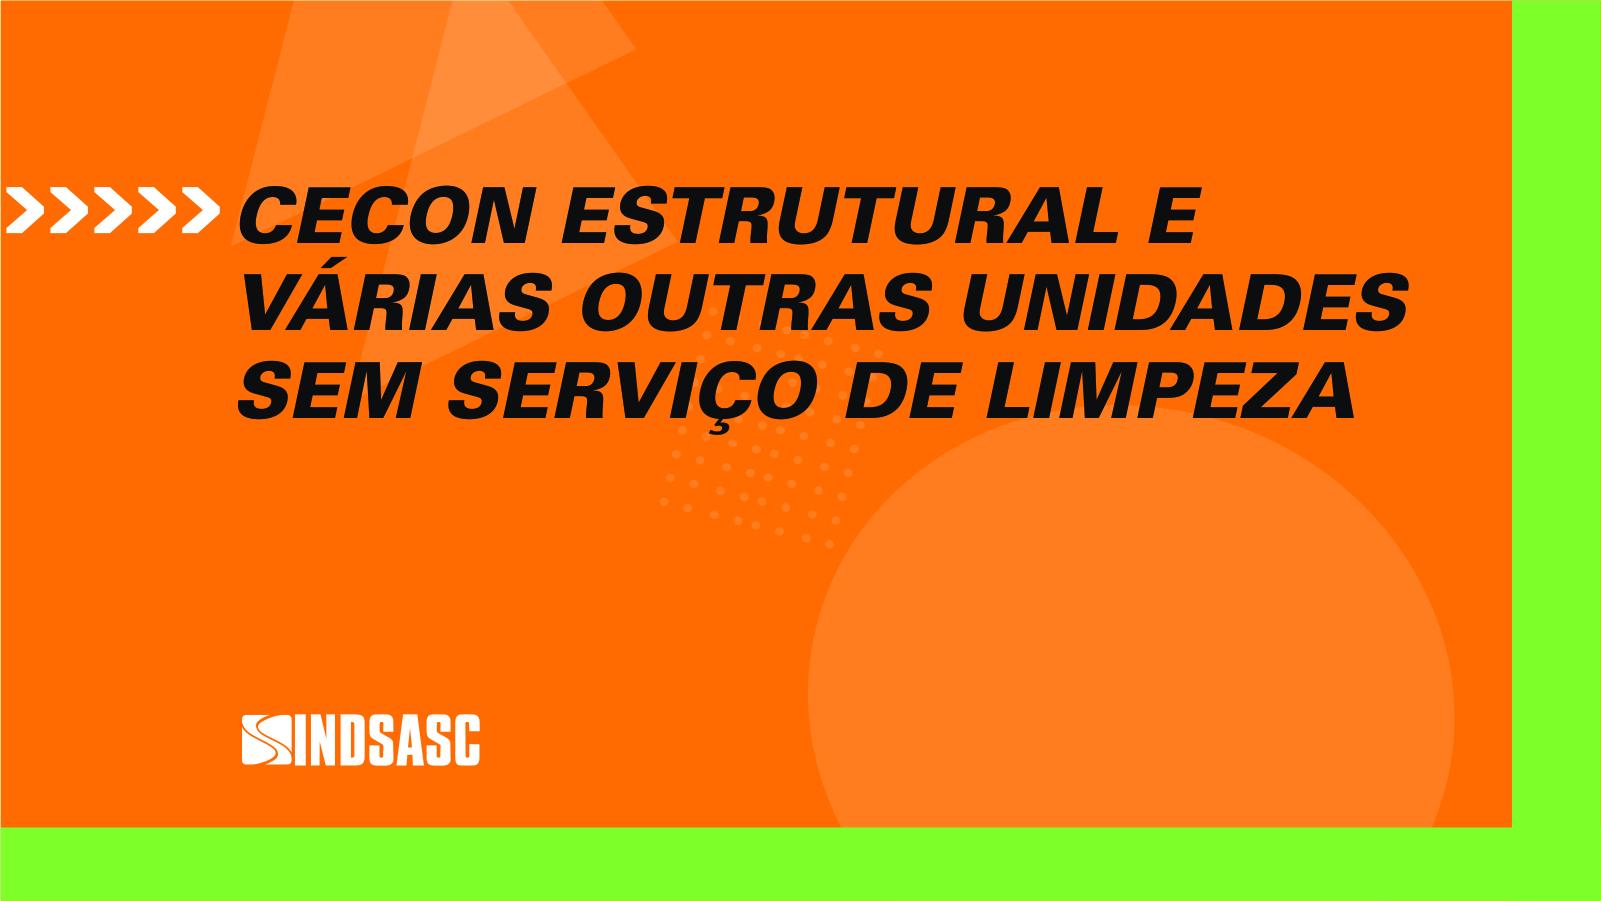 Cecon Estrutural e várias outras unidades sem serviço de limpeza